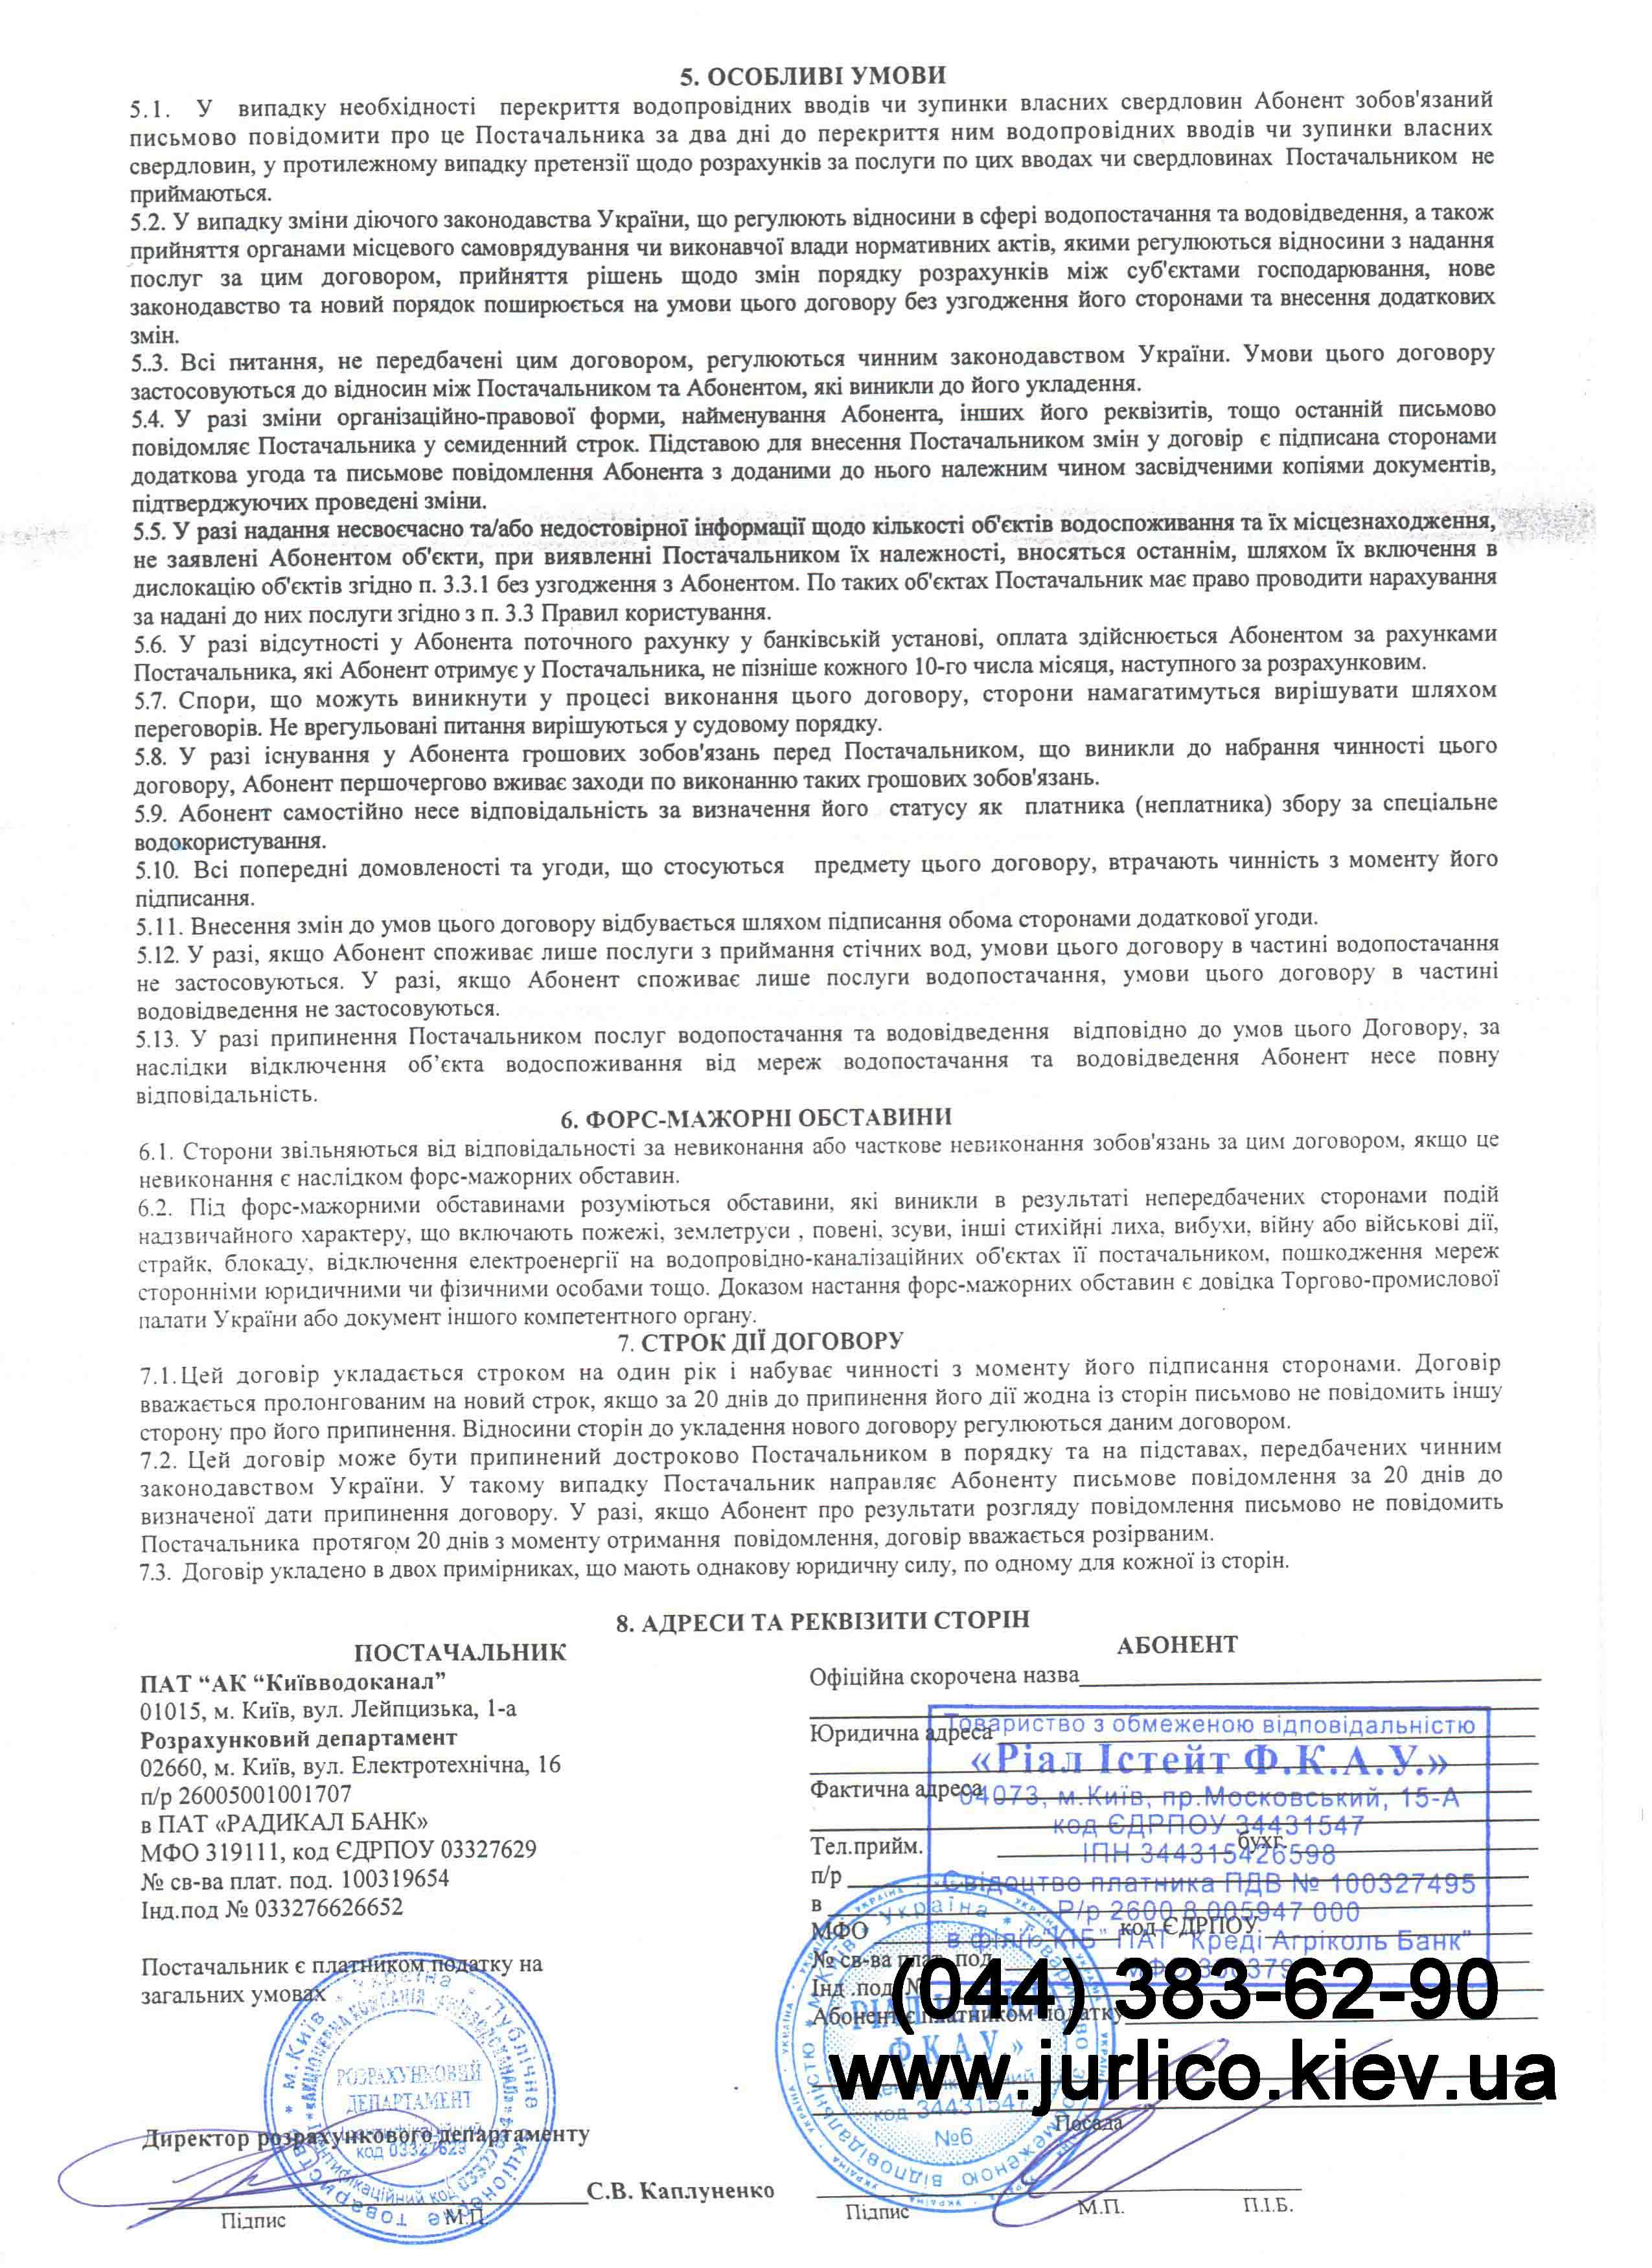 Заключение договоров для юридических и физических лиц-предпринимателей с ОАО «АК «КИЕВВОДОКАНАЛ»